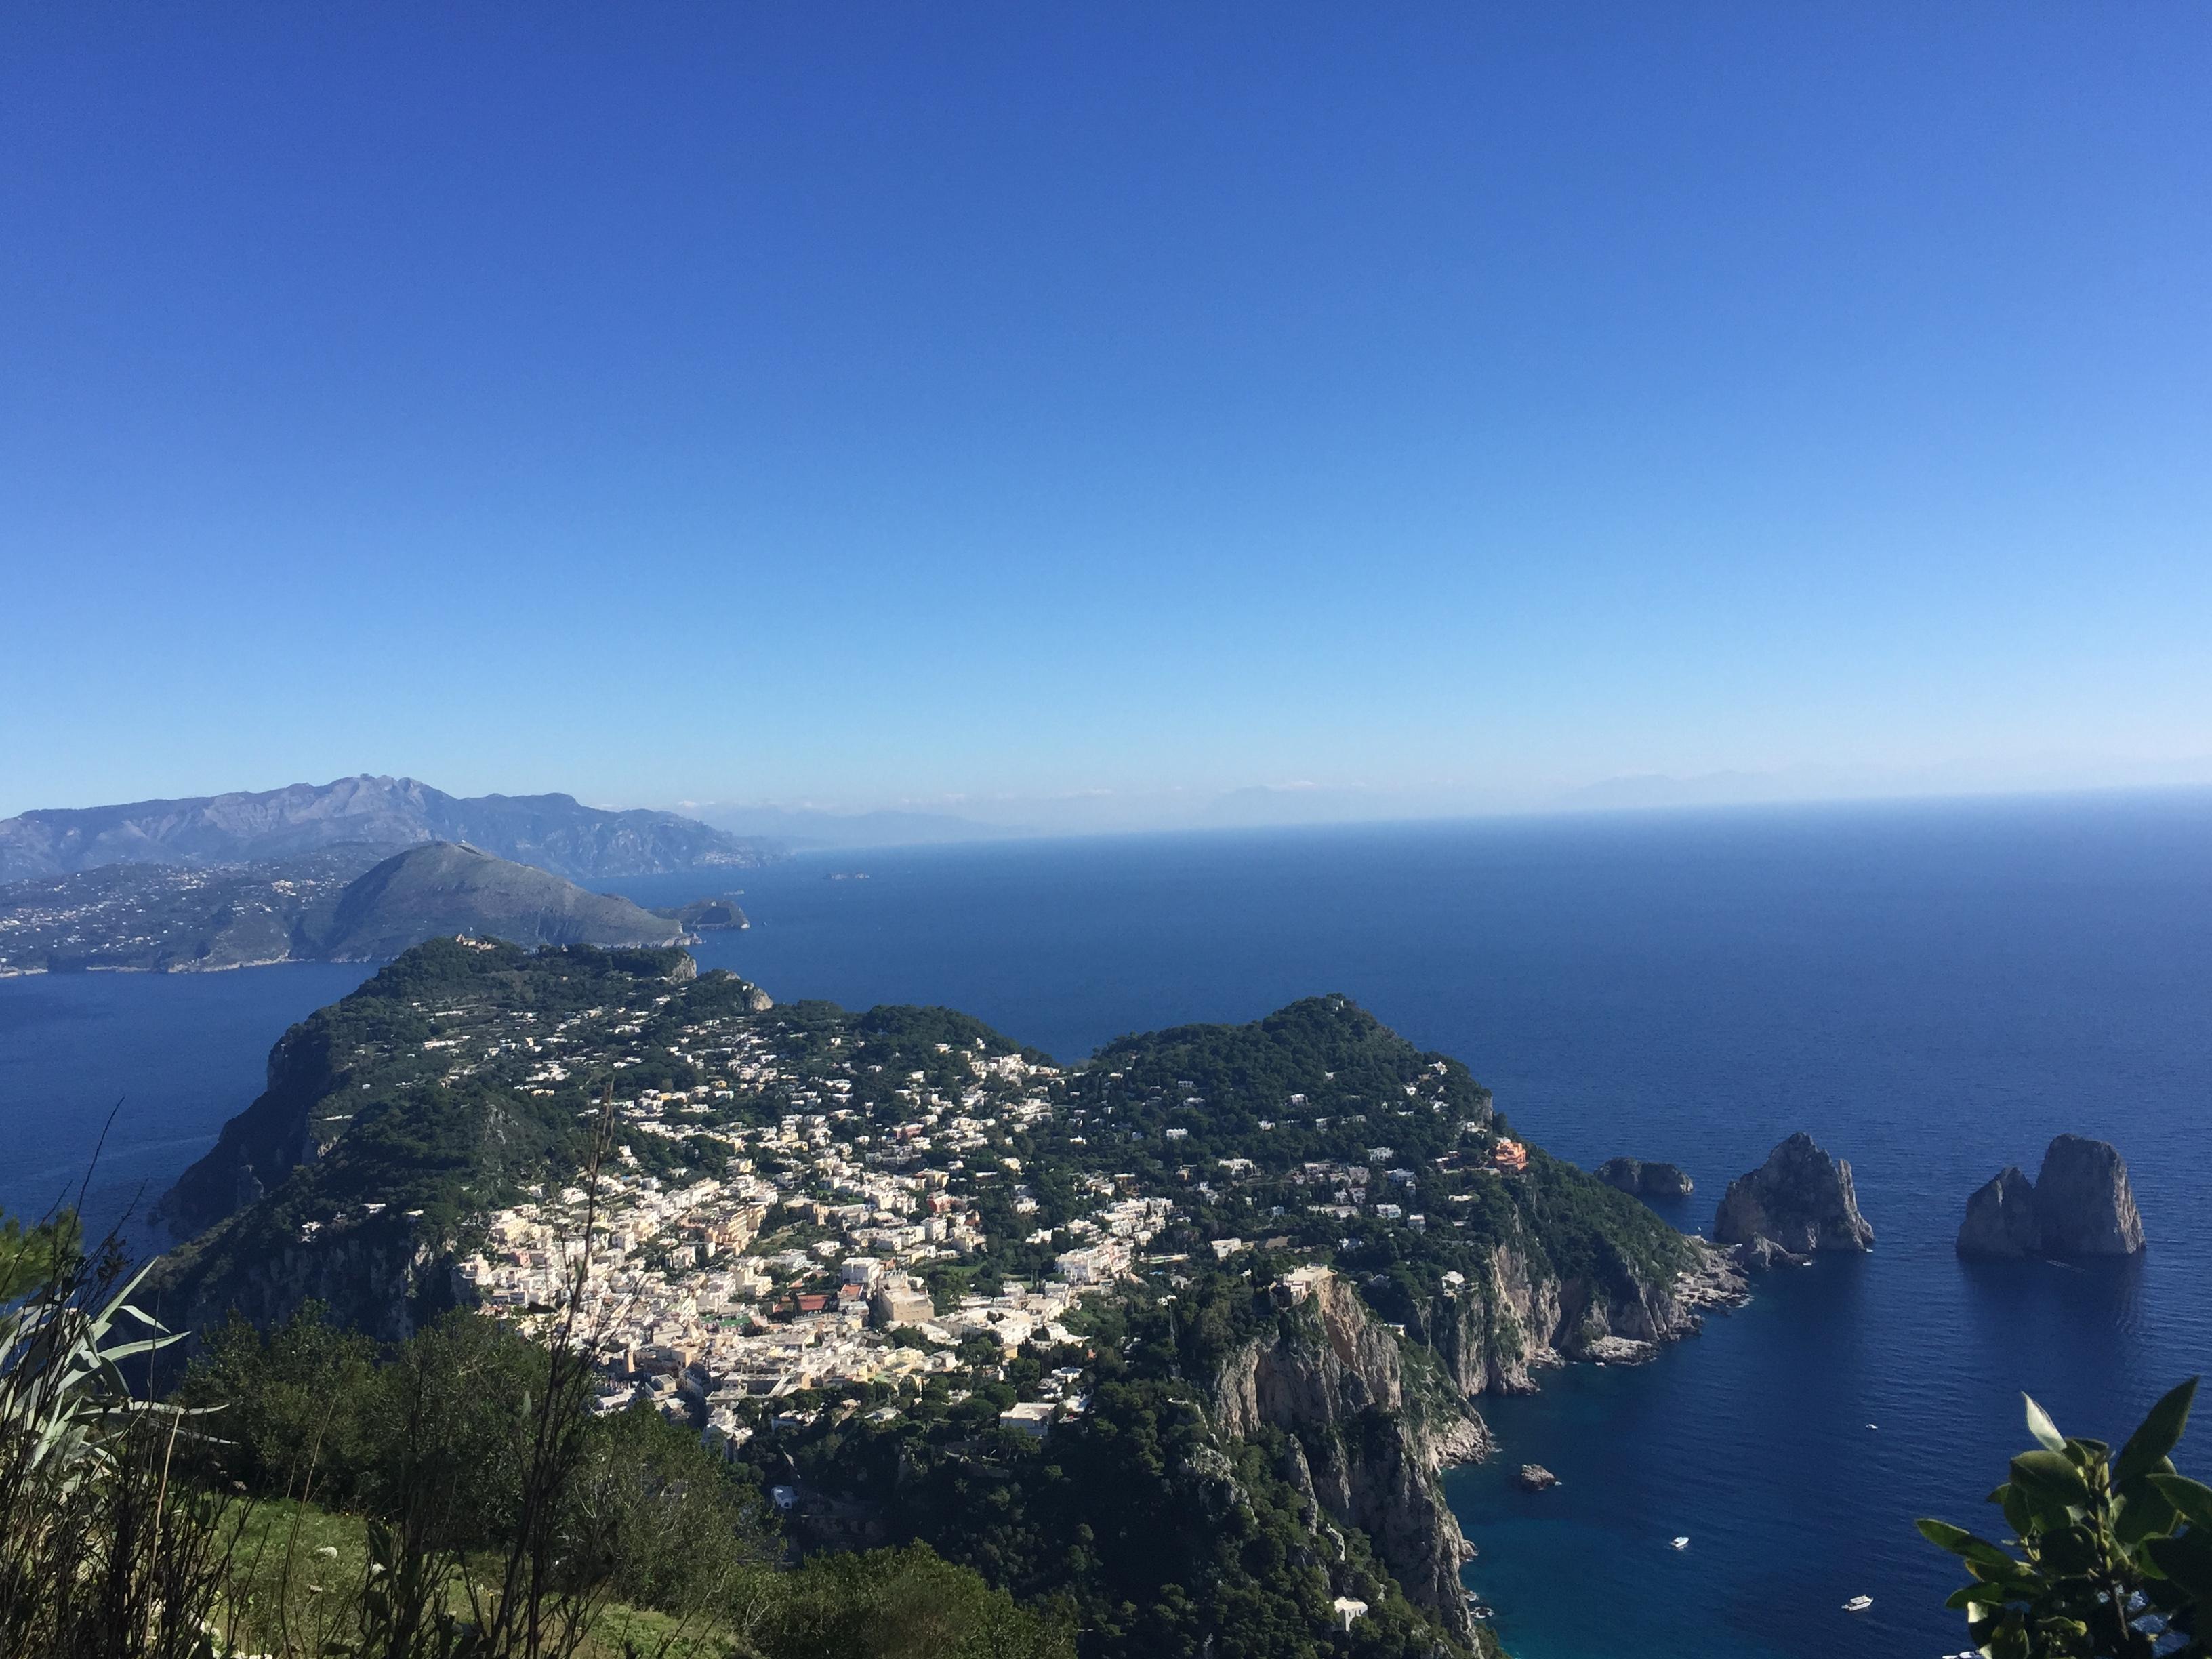 Vacanze di Luglio a Capri, le proposte di Hotel e B&b di Booking.com